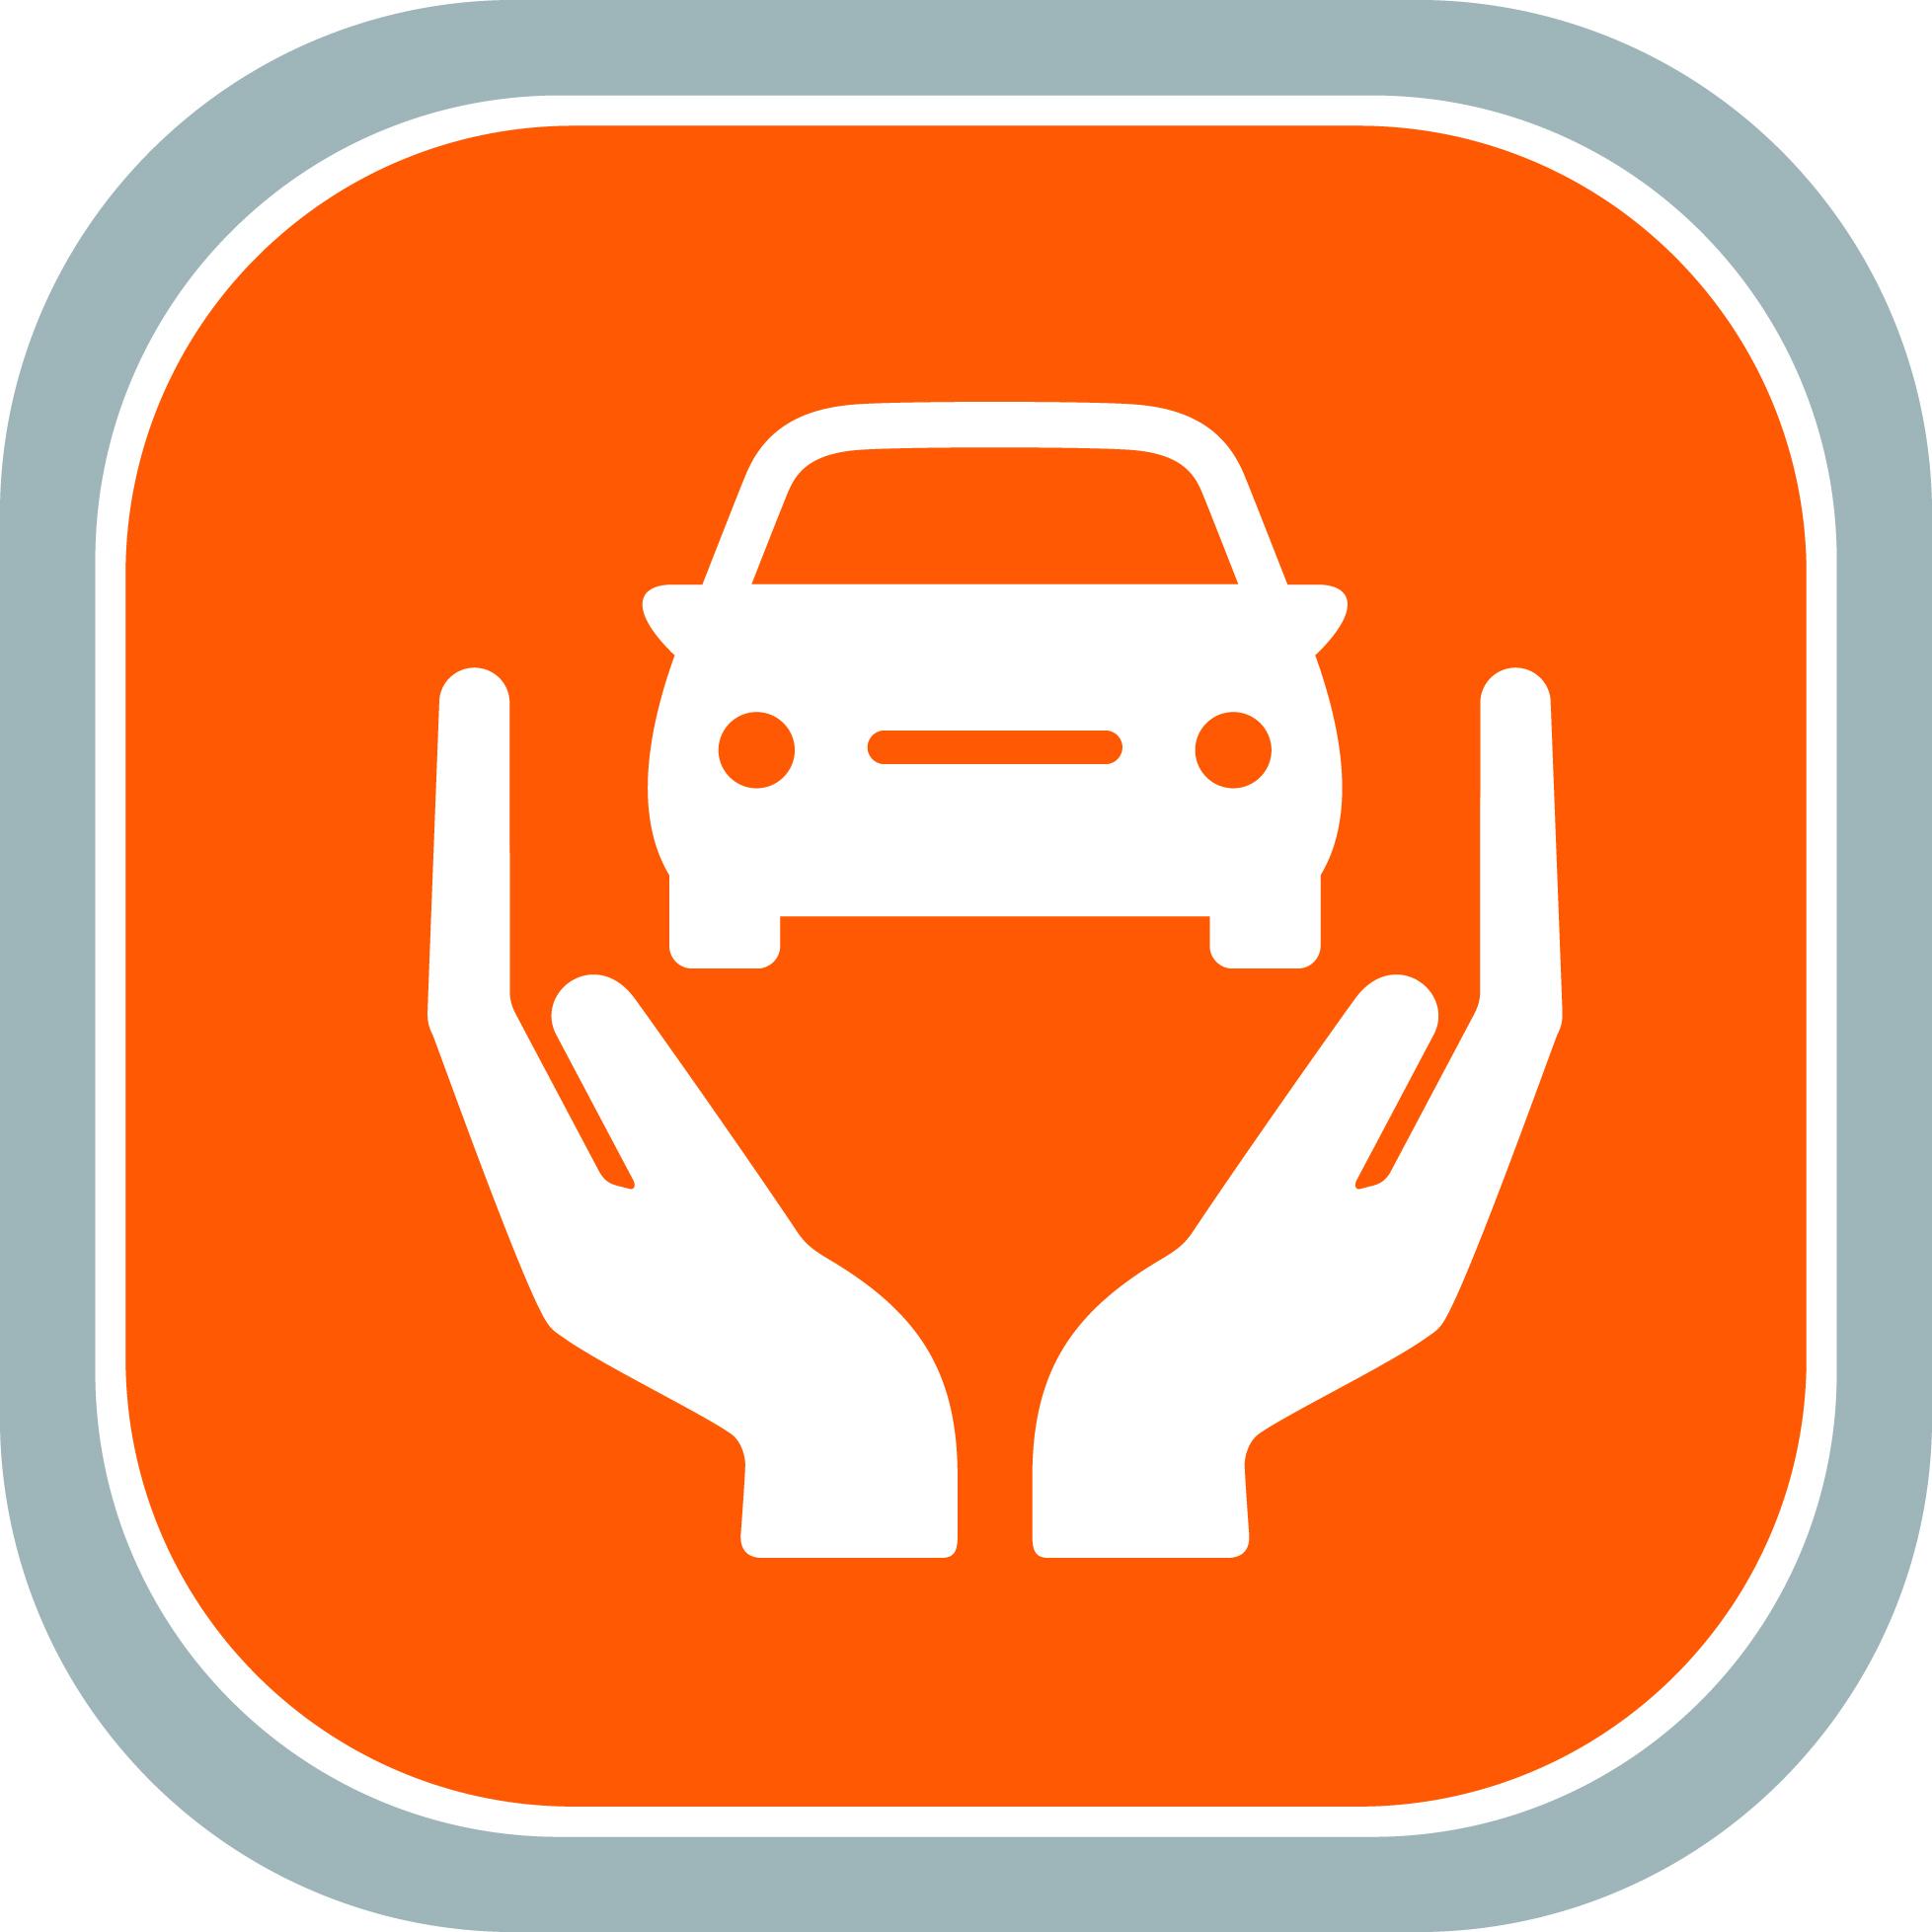 Pojištění logo